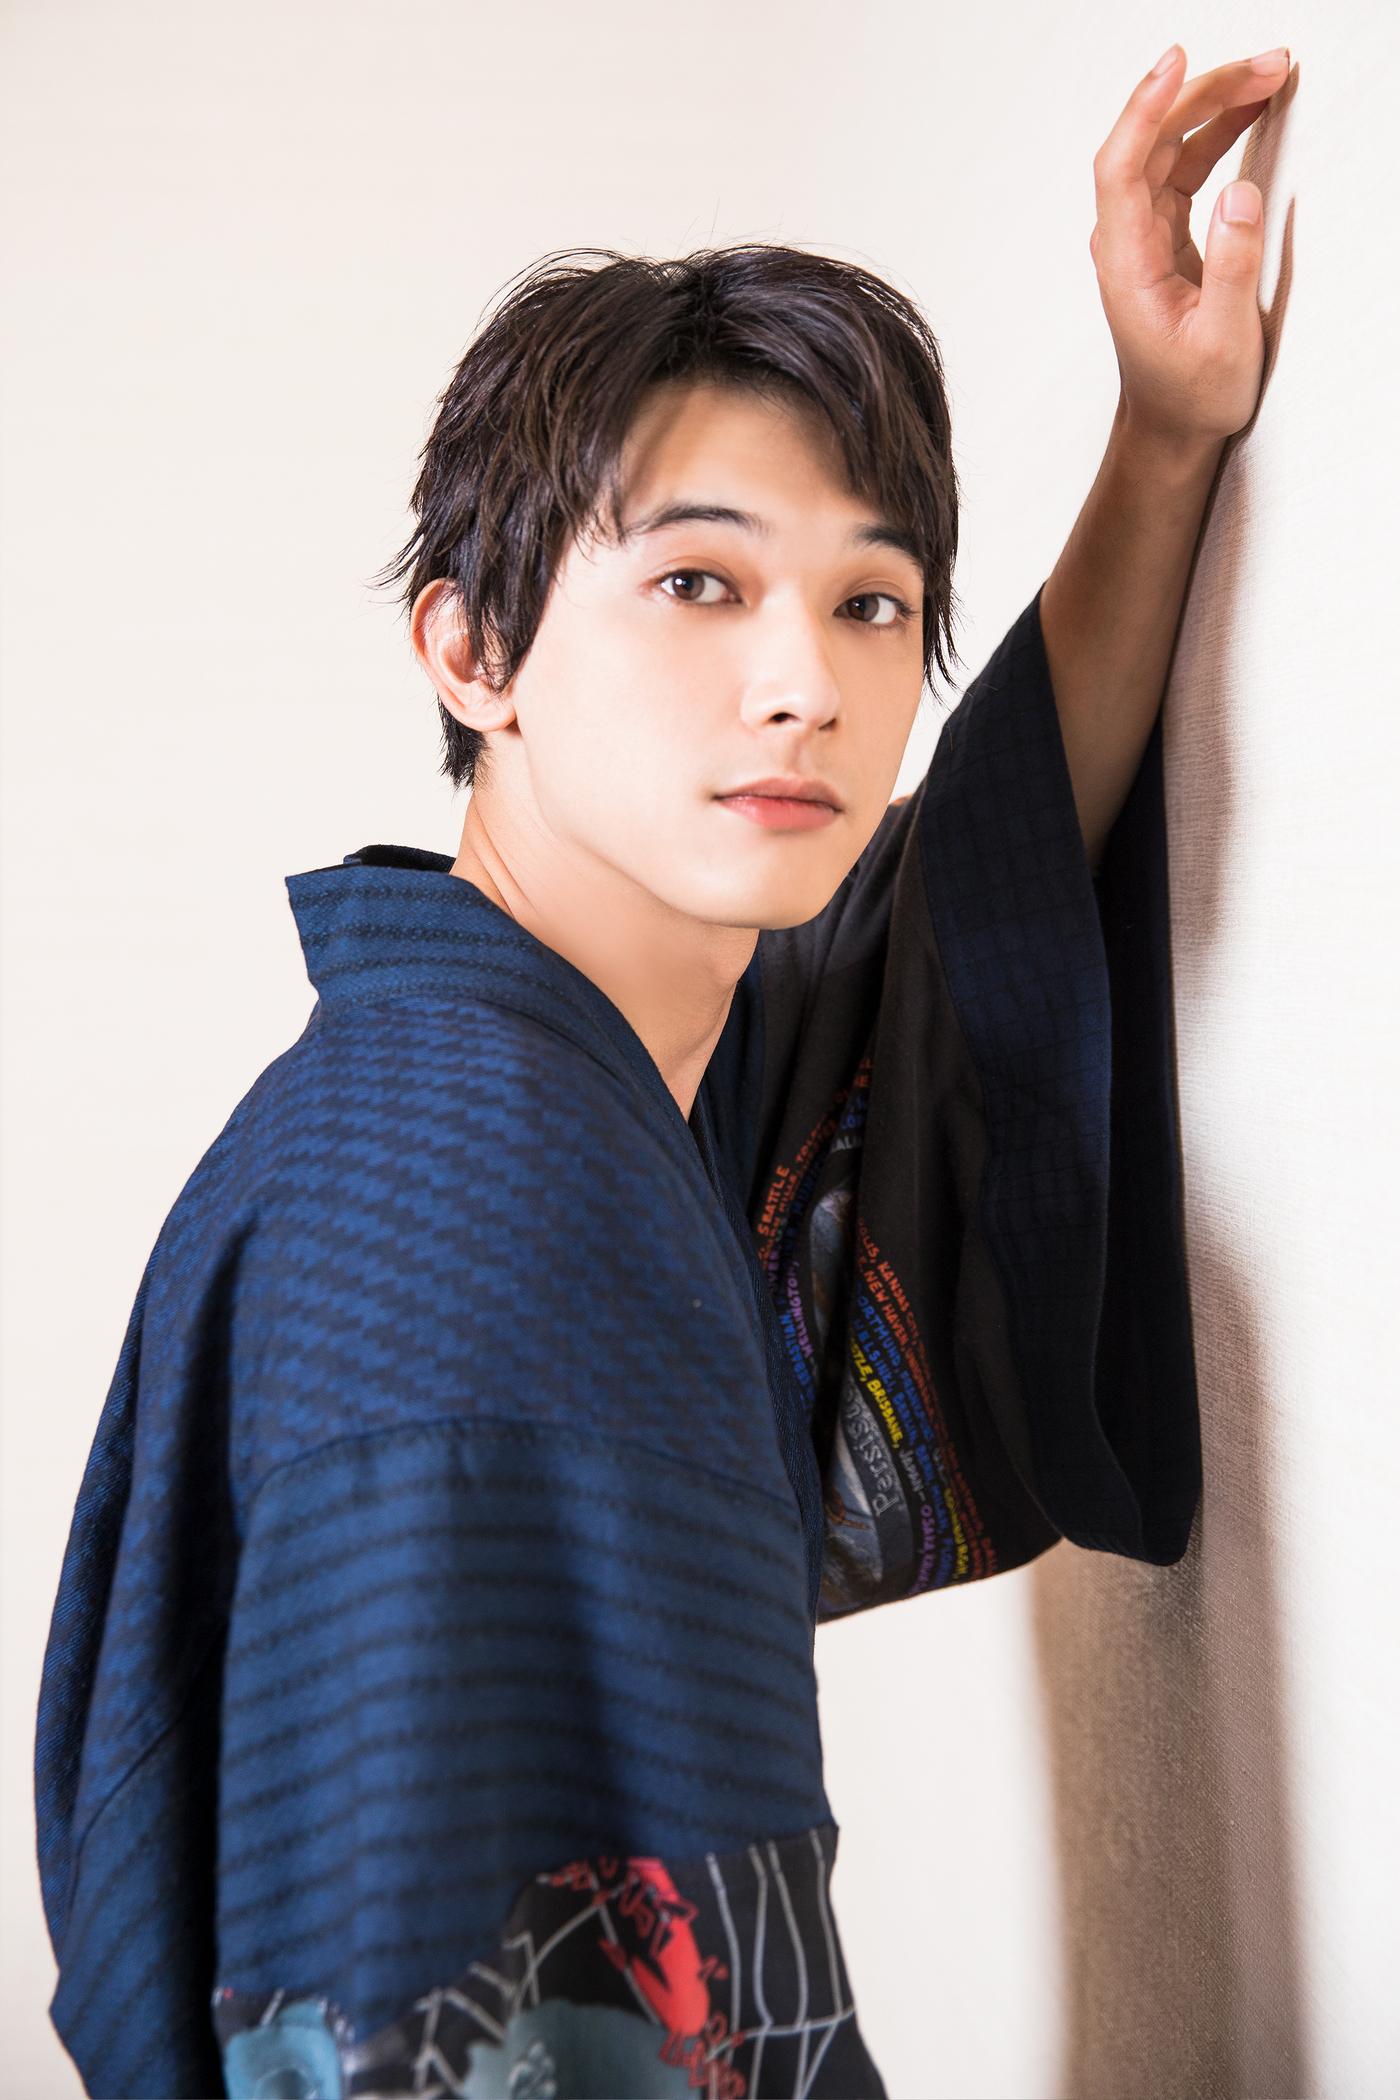 吉沢亮が演じる美しき沖田総悟の秘密 柳楽さんと夢を語りました